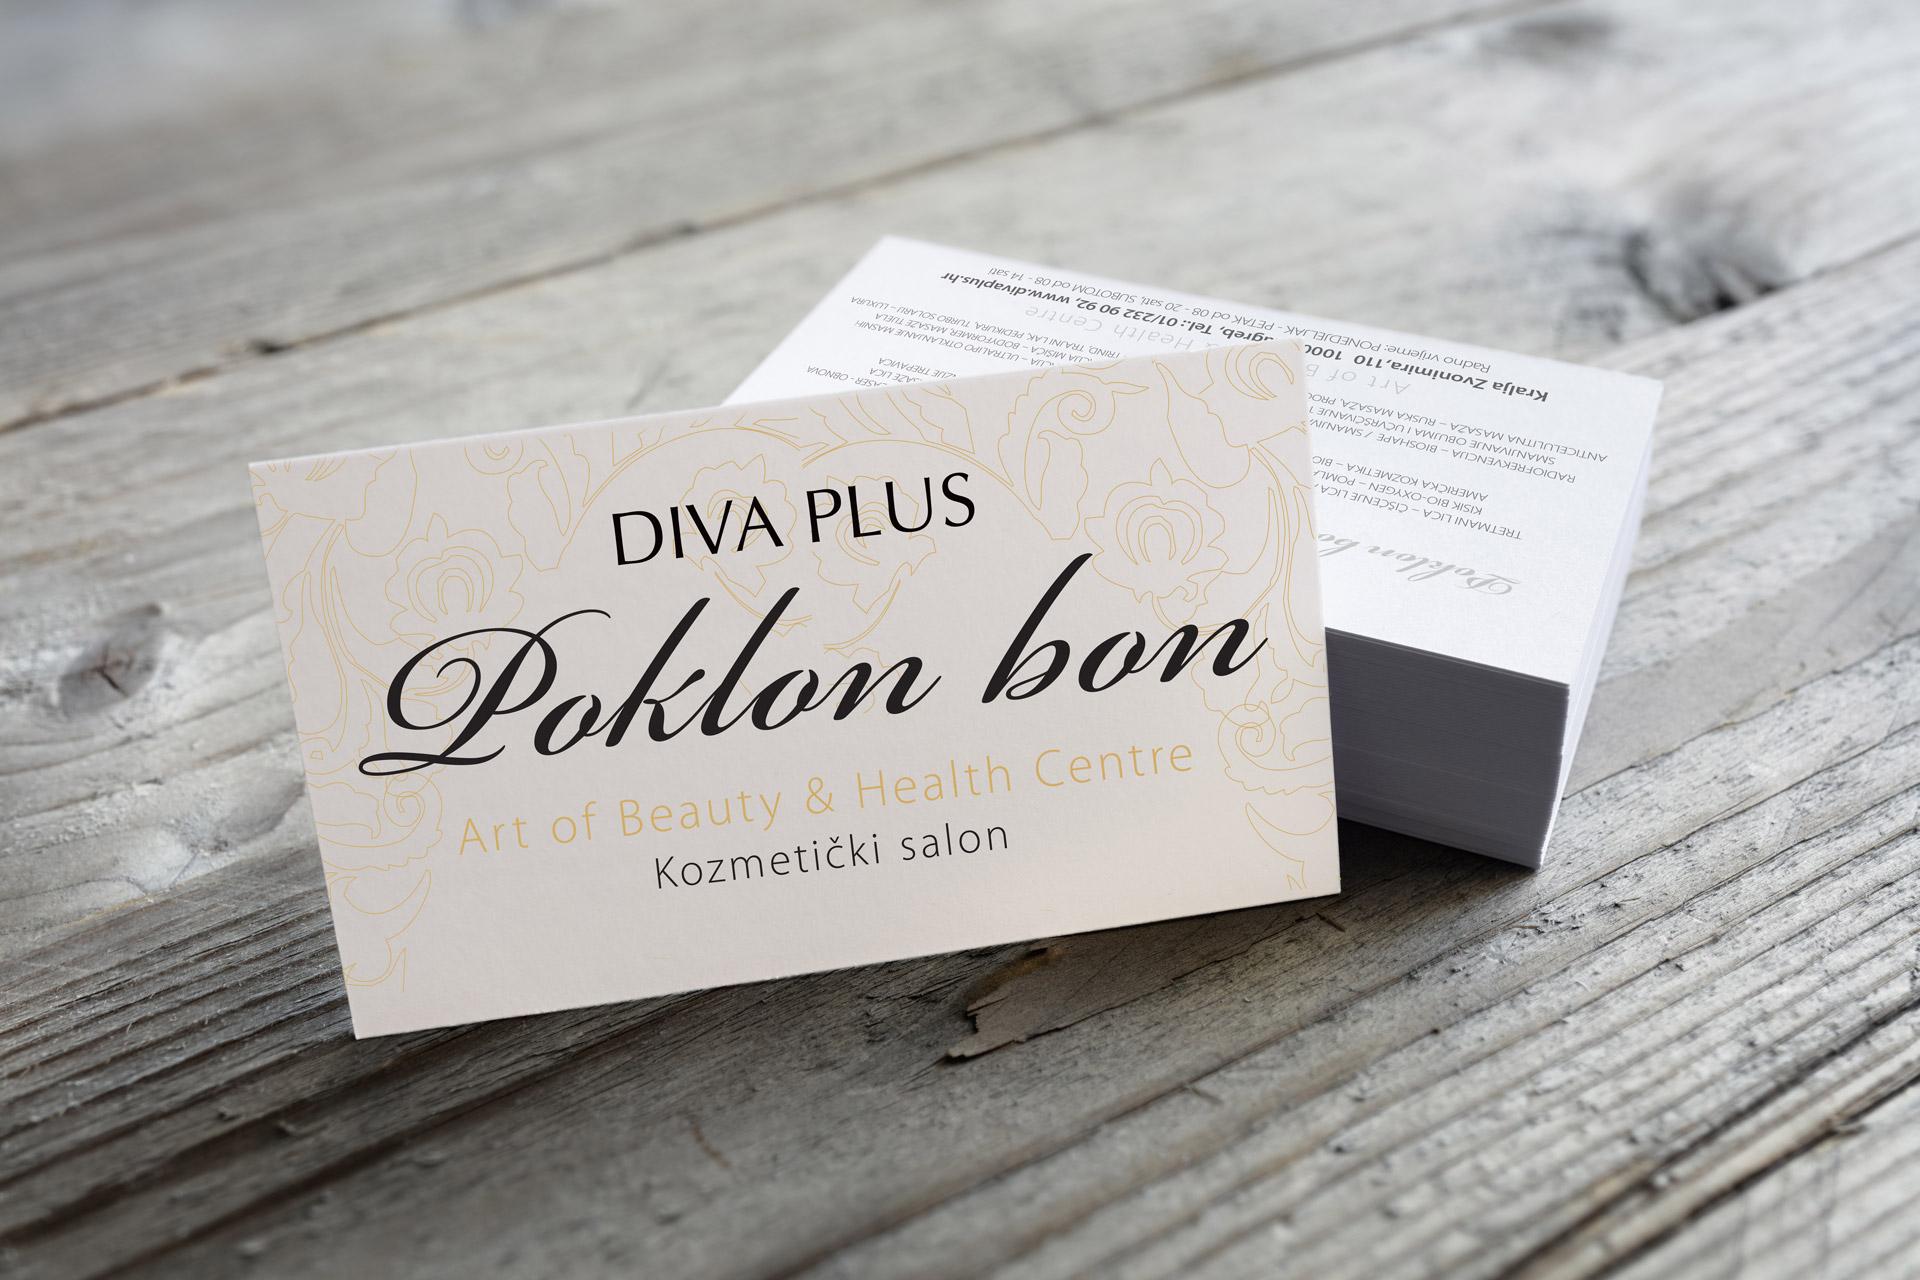 diva-plus-poklon-bon-v2